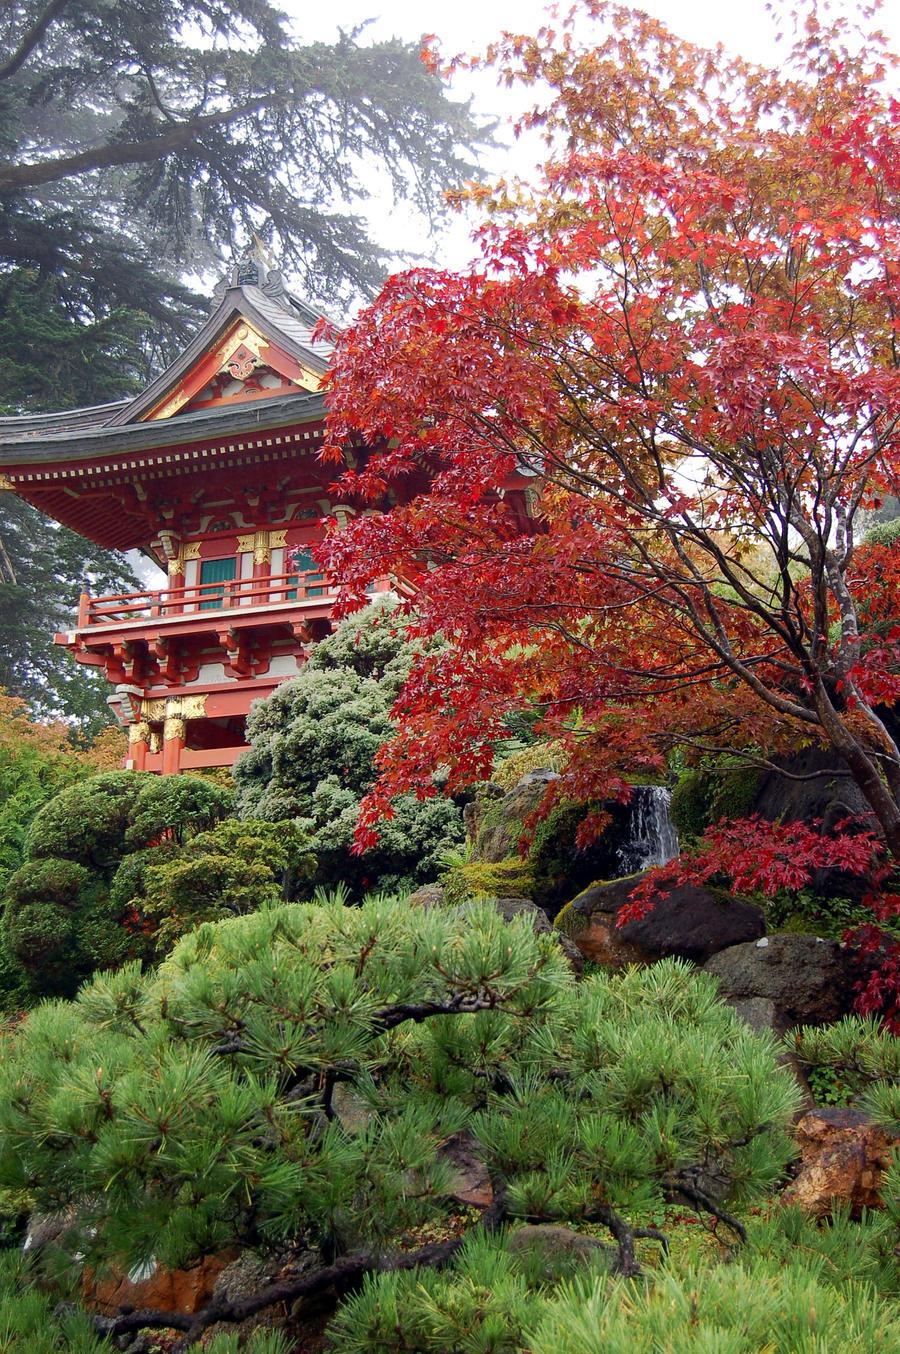 Jardin japones by despista0 on deviantart for Jardin japones